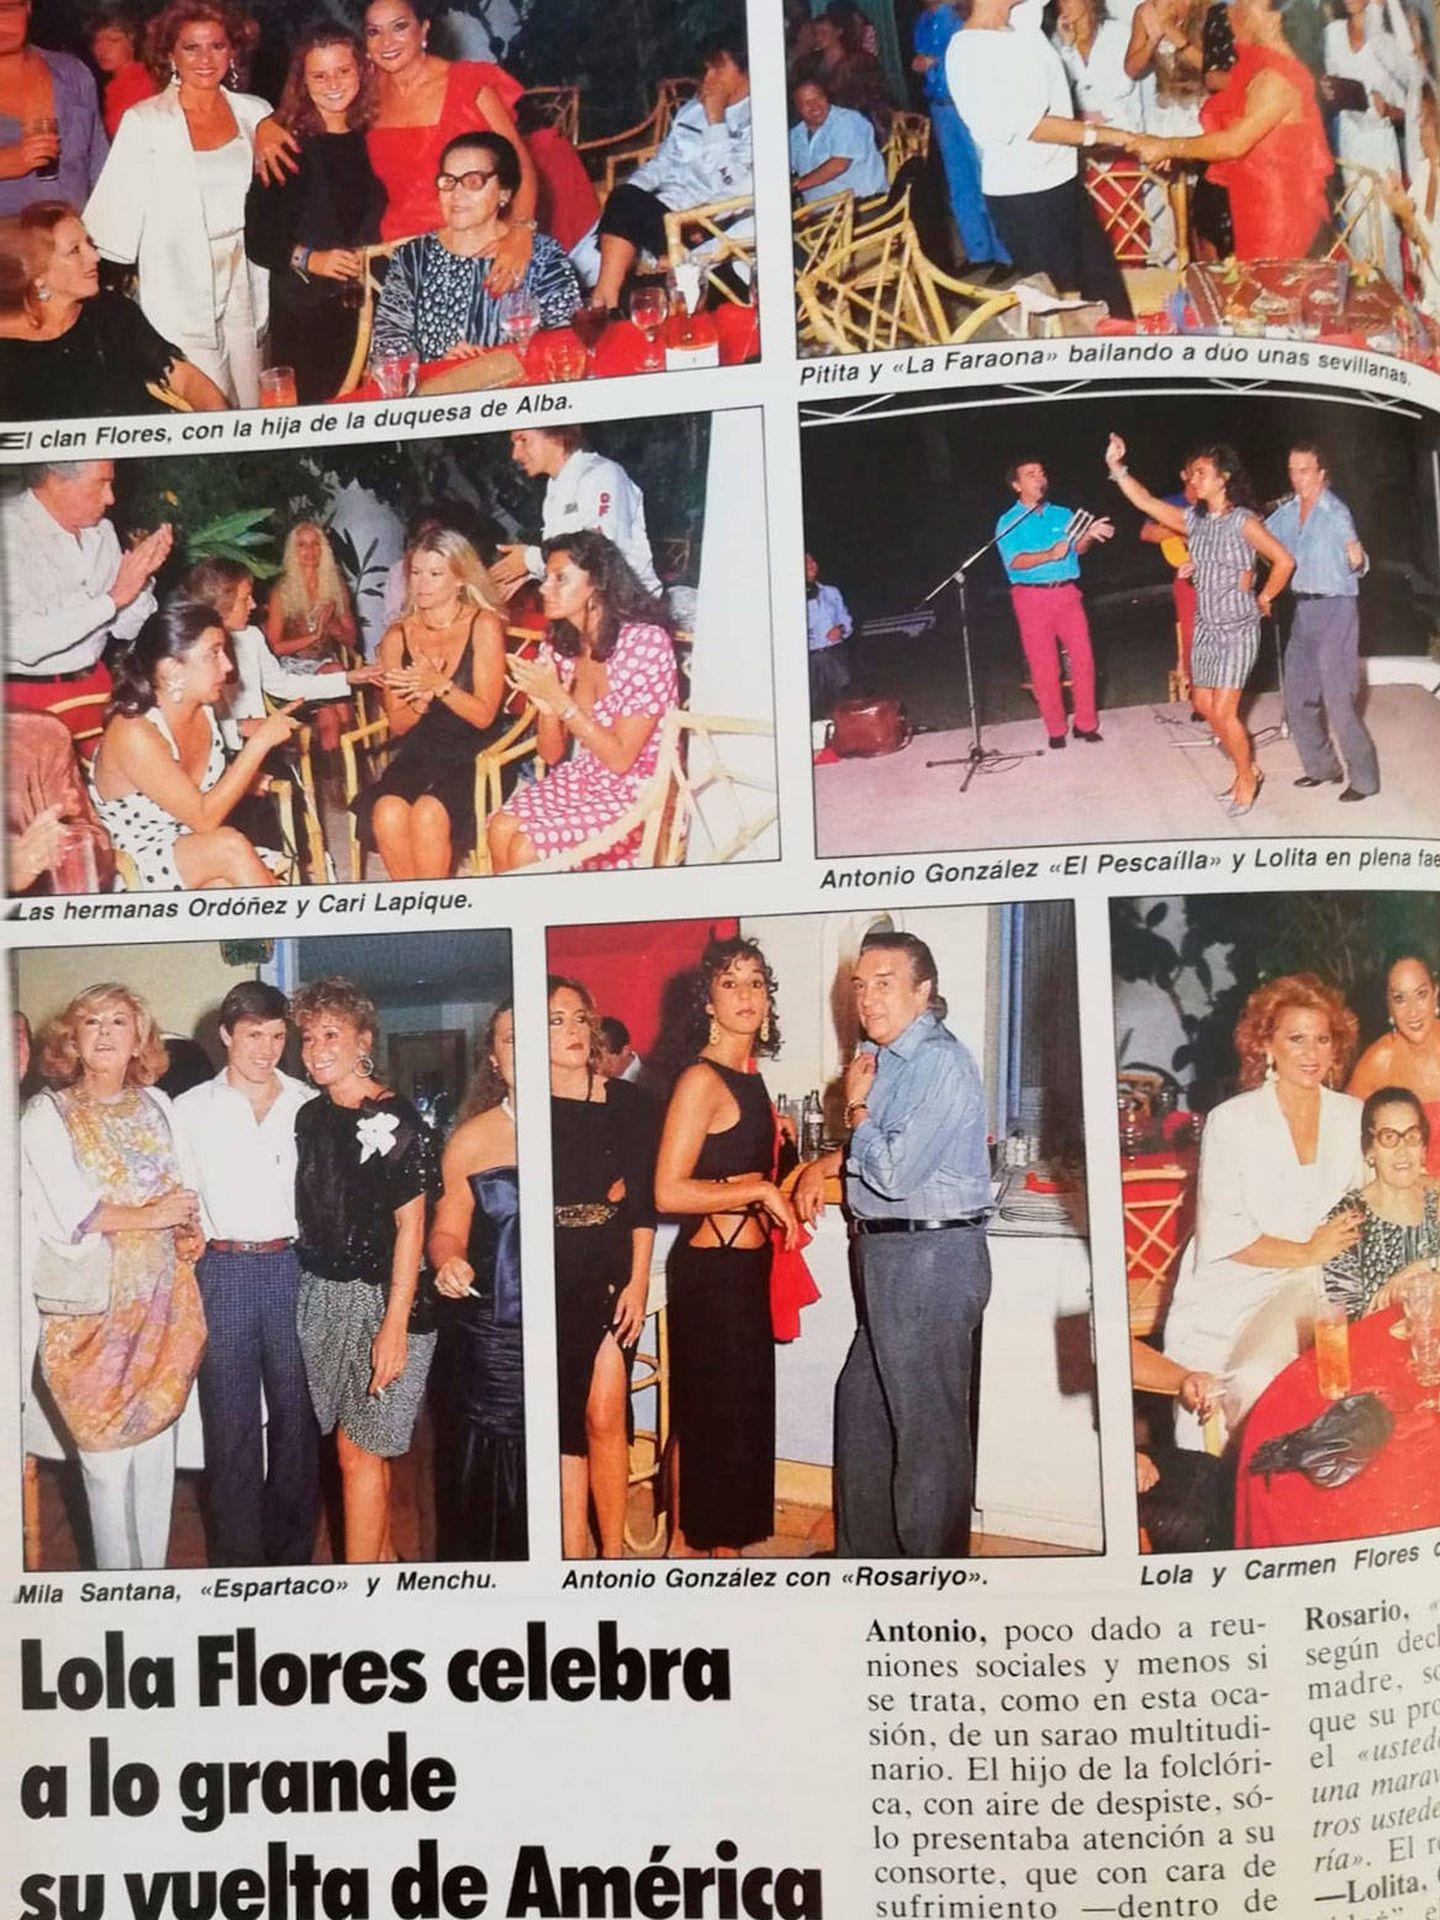 Los veranos marbellíes. (Revista 'Tiempo')